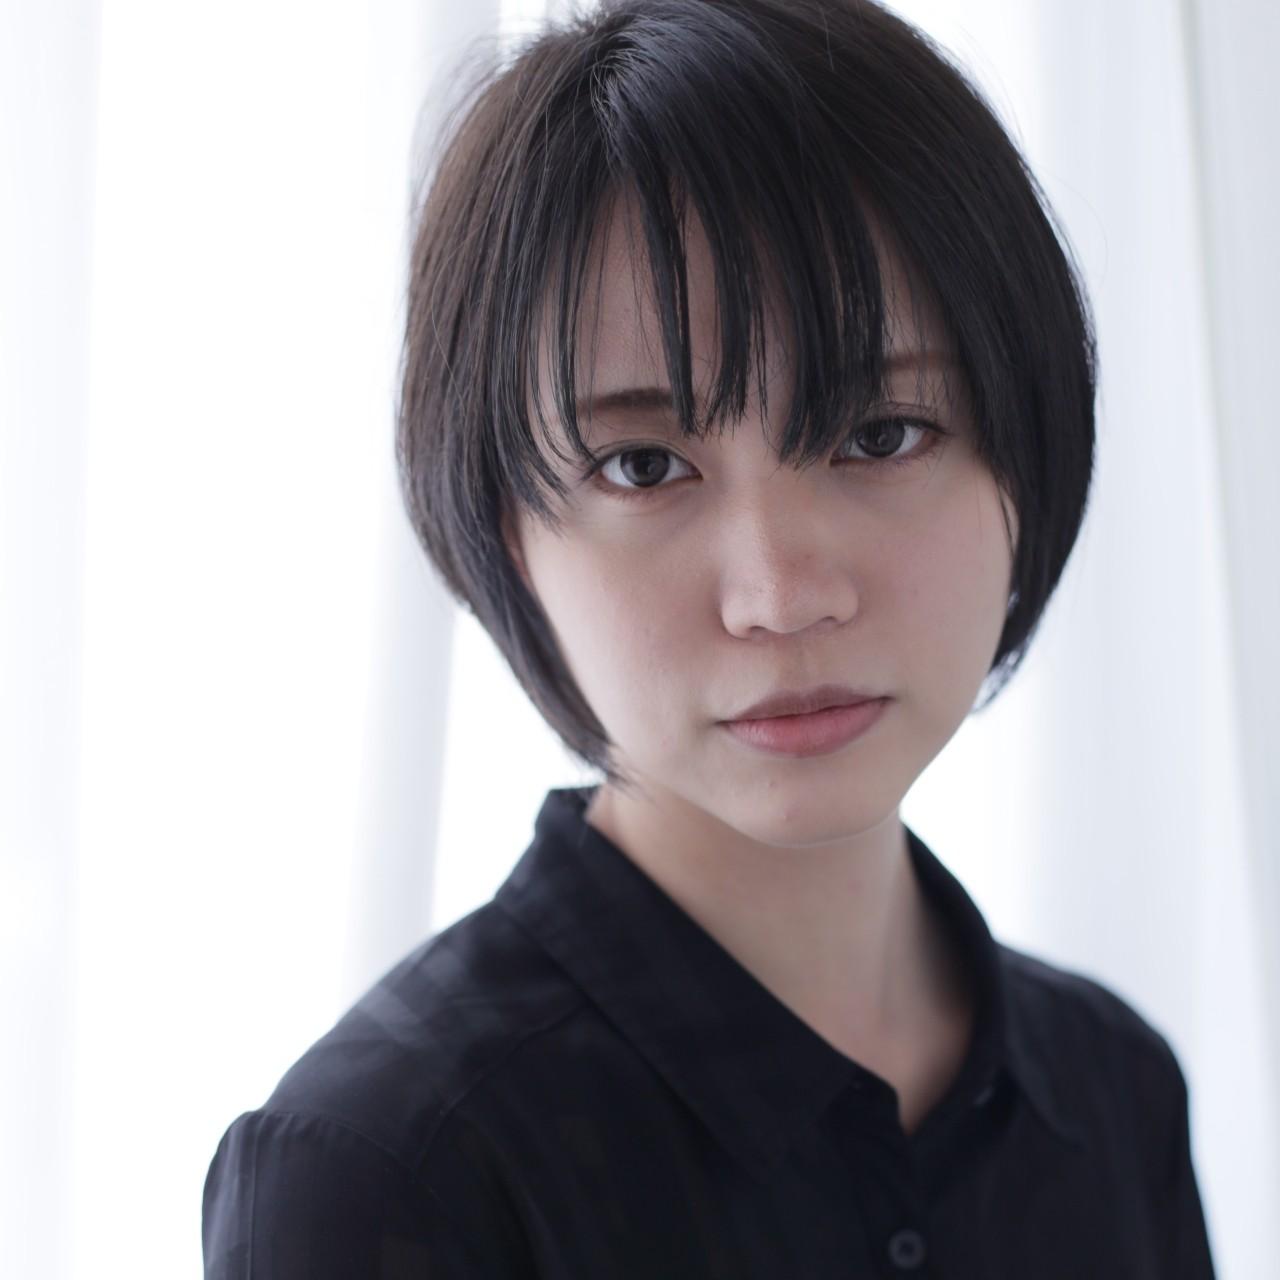 黒髪 スモーキーカラー ナチュラル ショート ヘアスタイルや髪型の写真・画像 | Saori Kastuki / holic